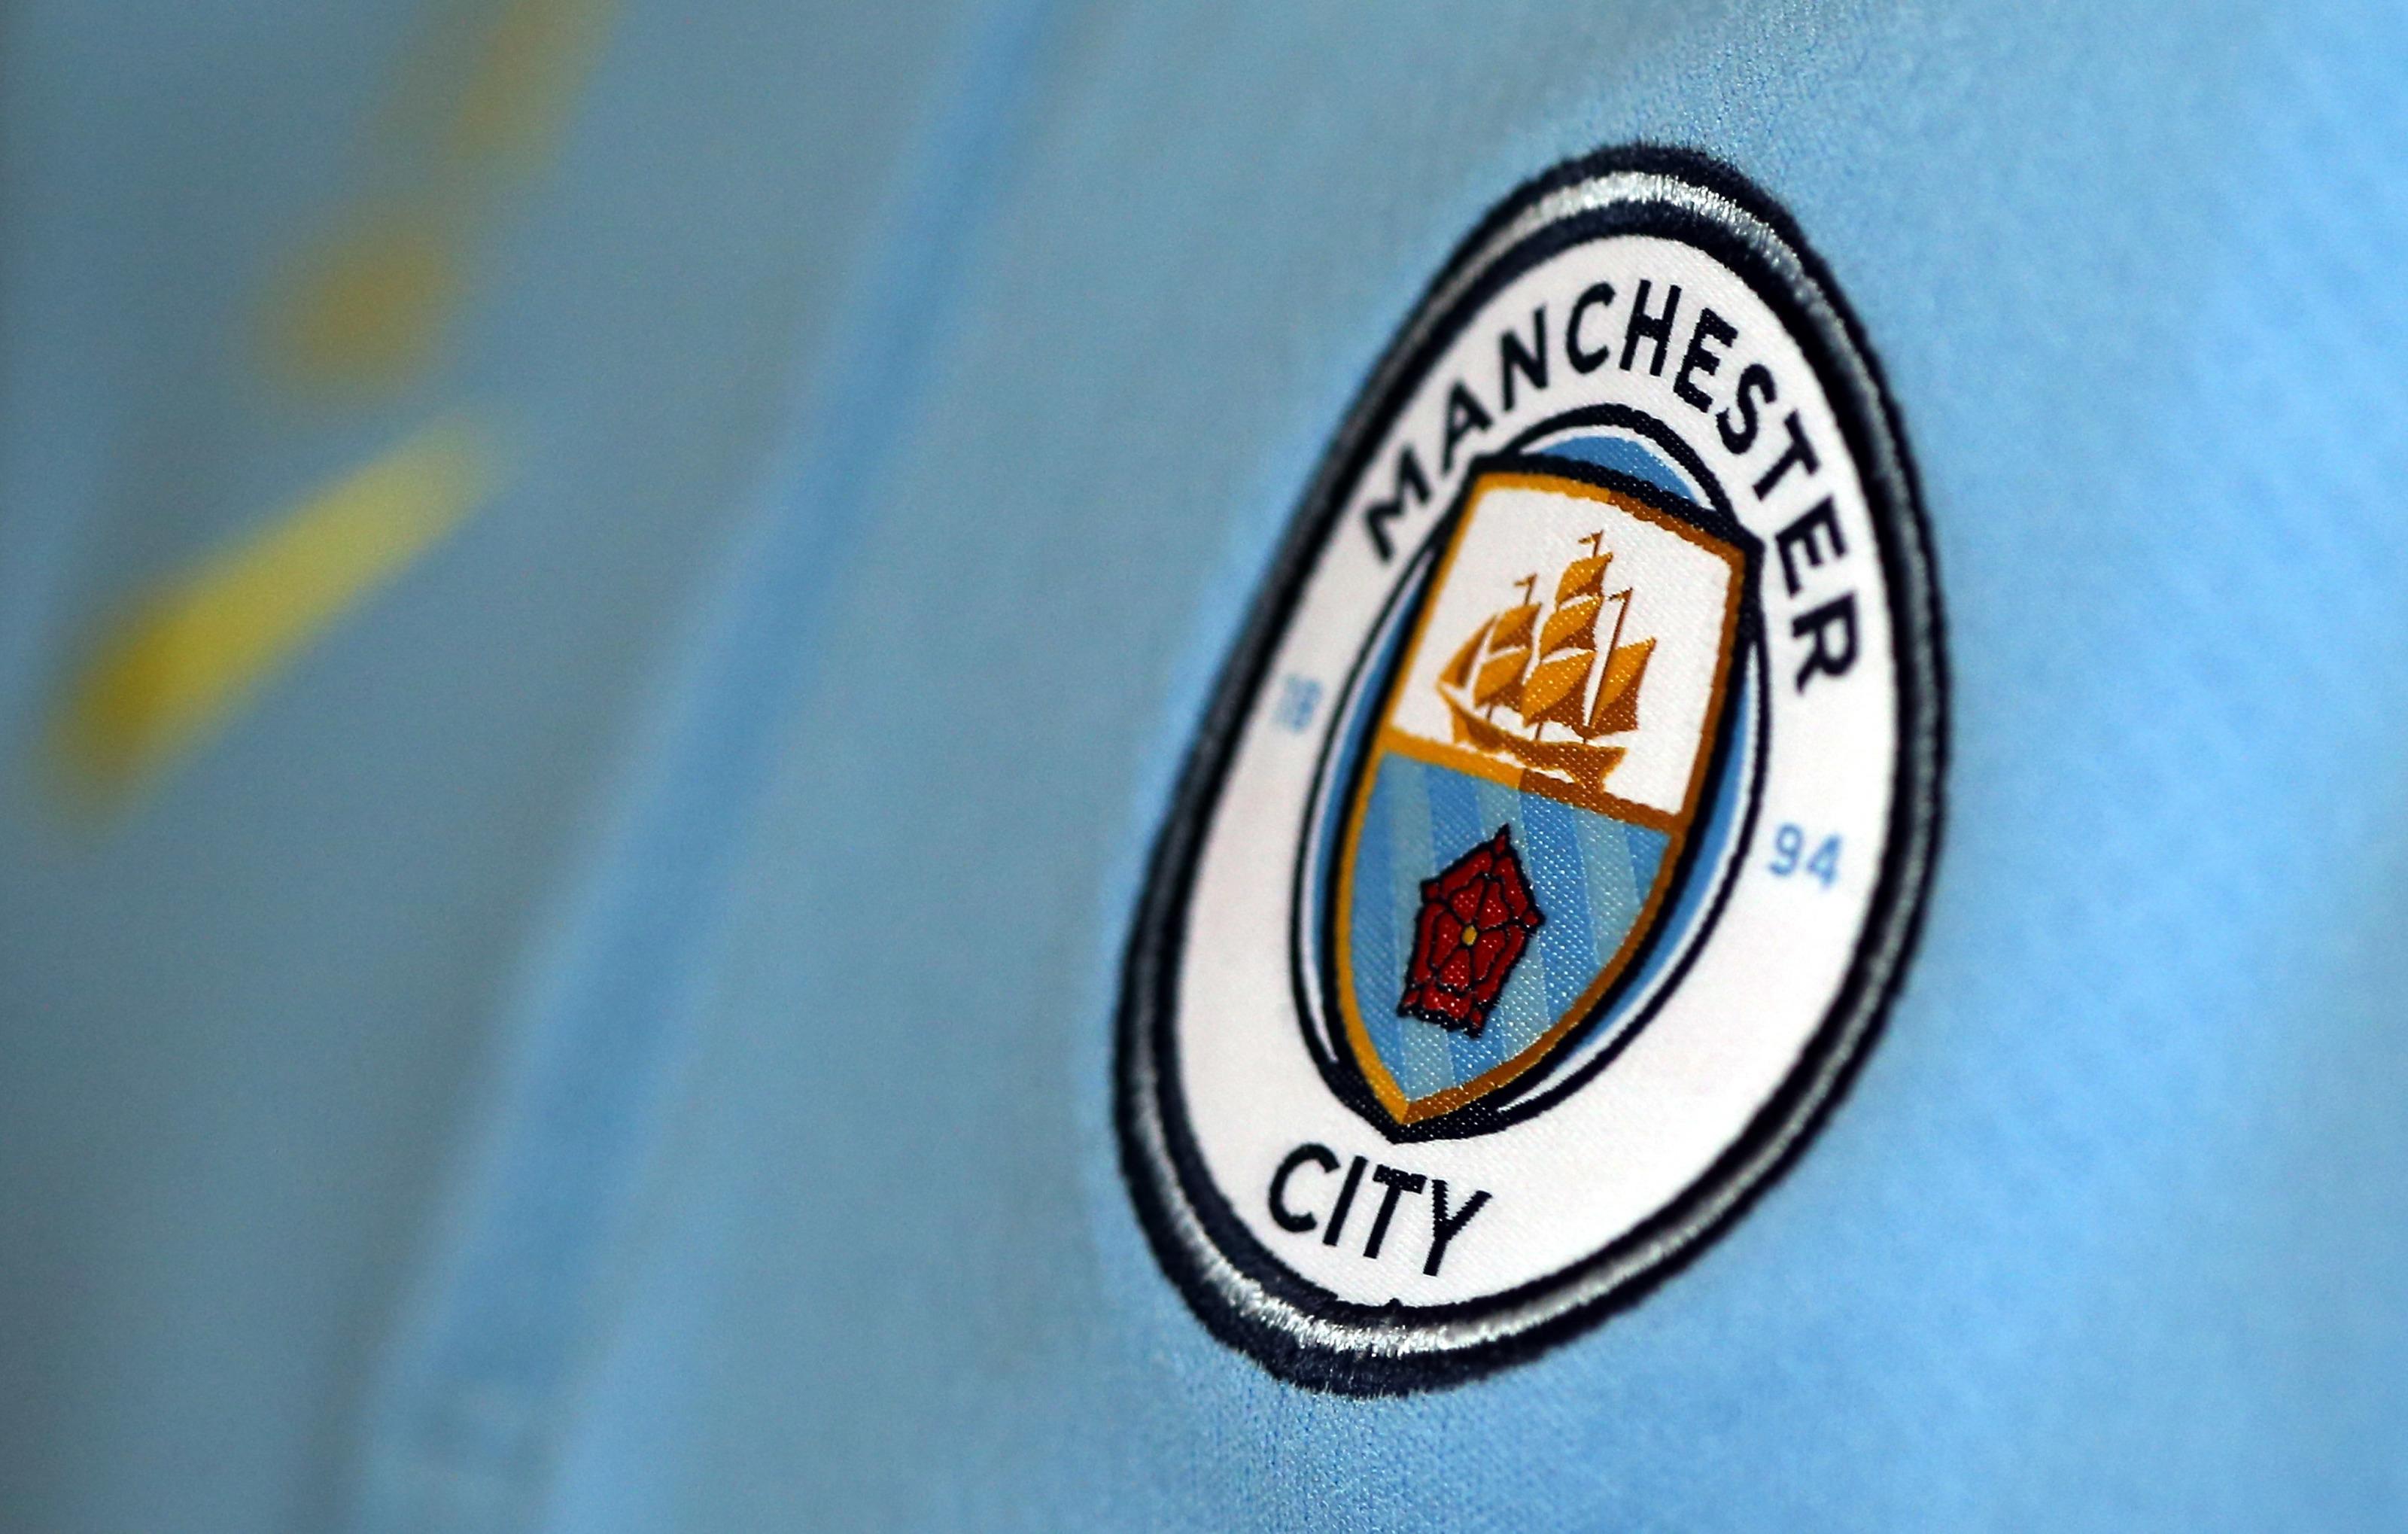 Manchester City New Kit Design For 2020 21 Leaked